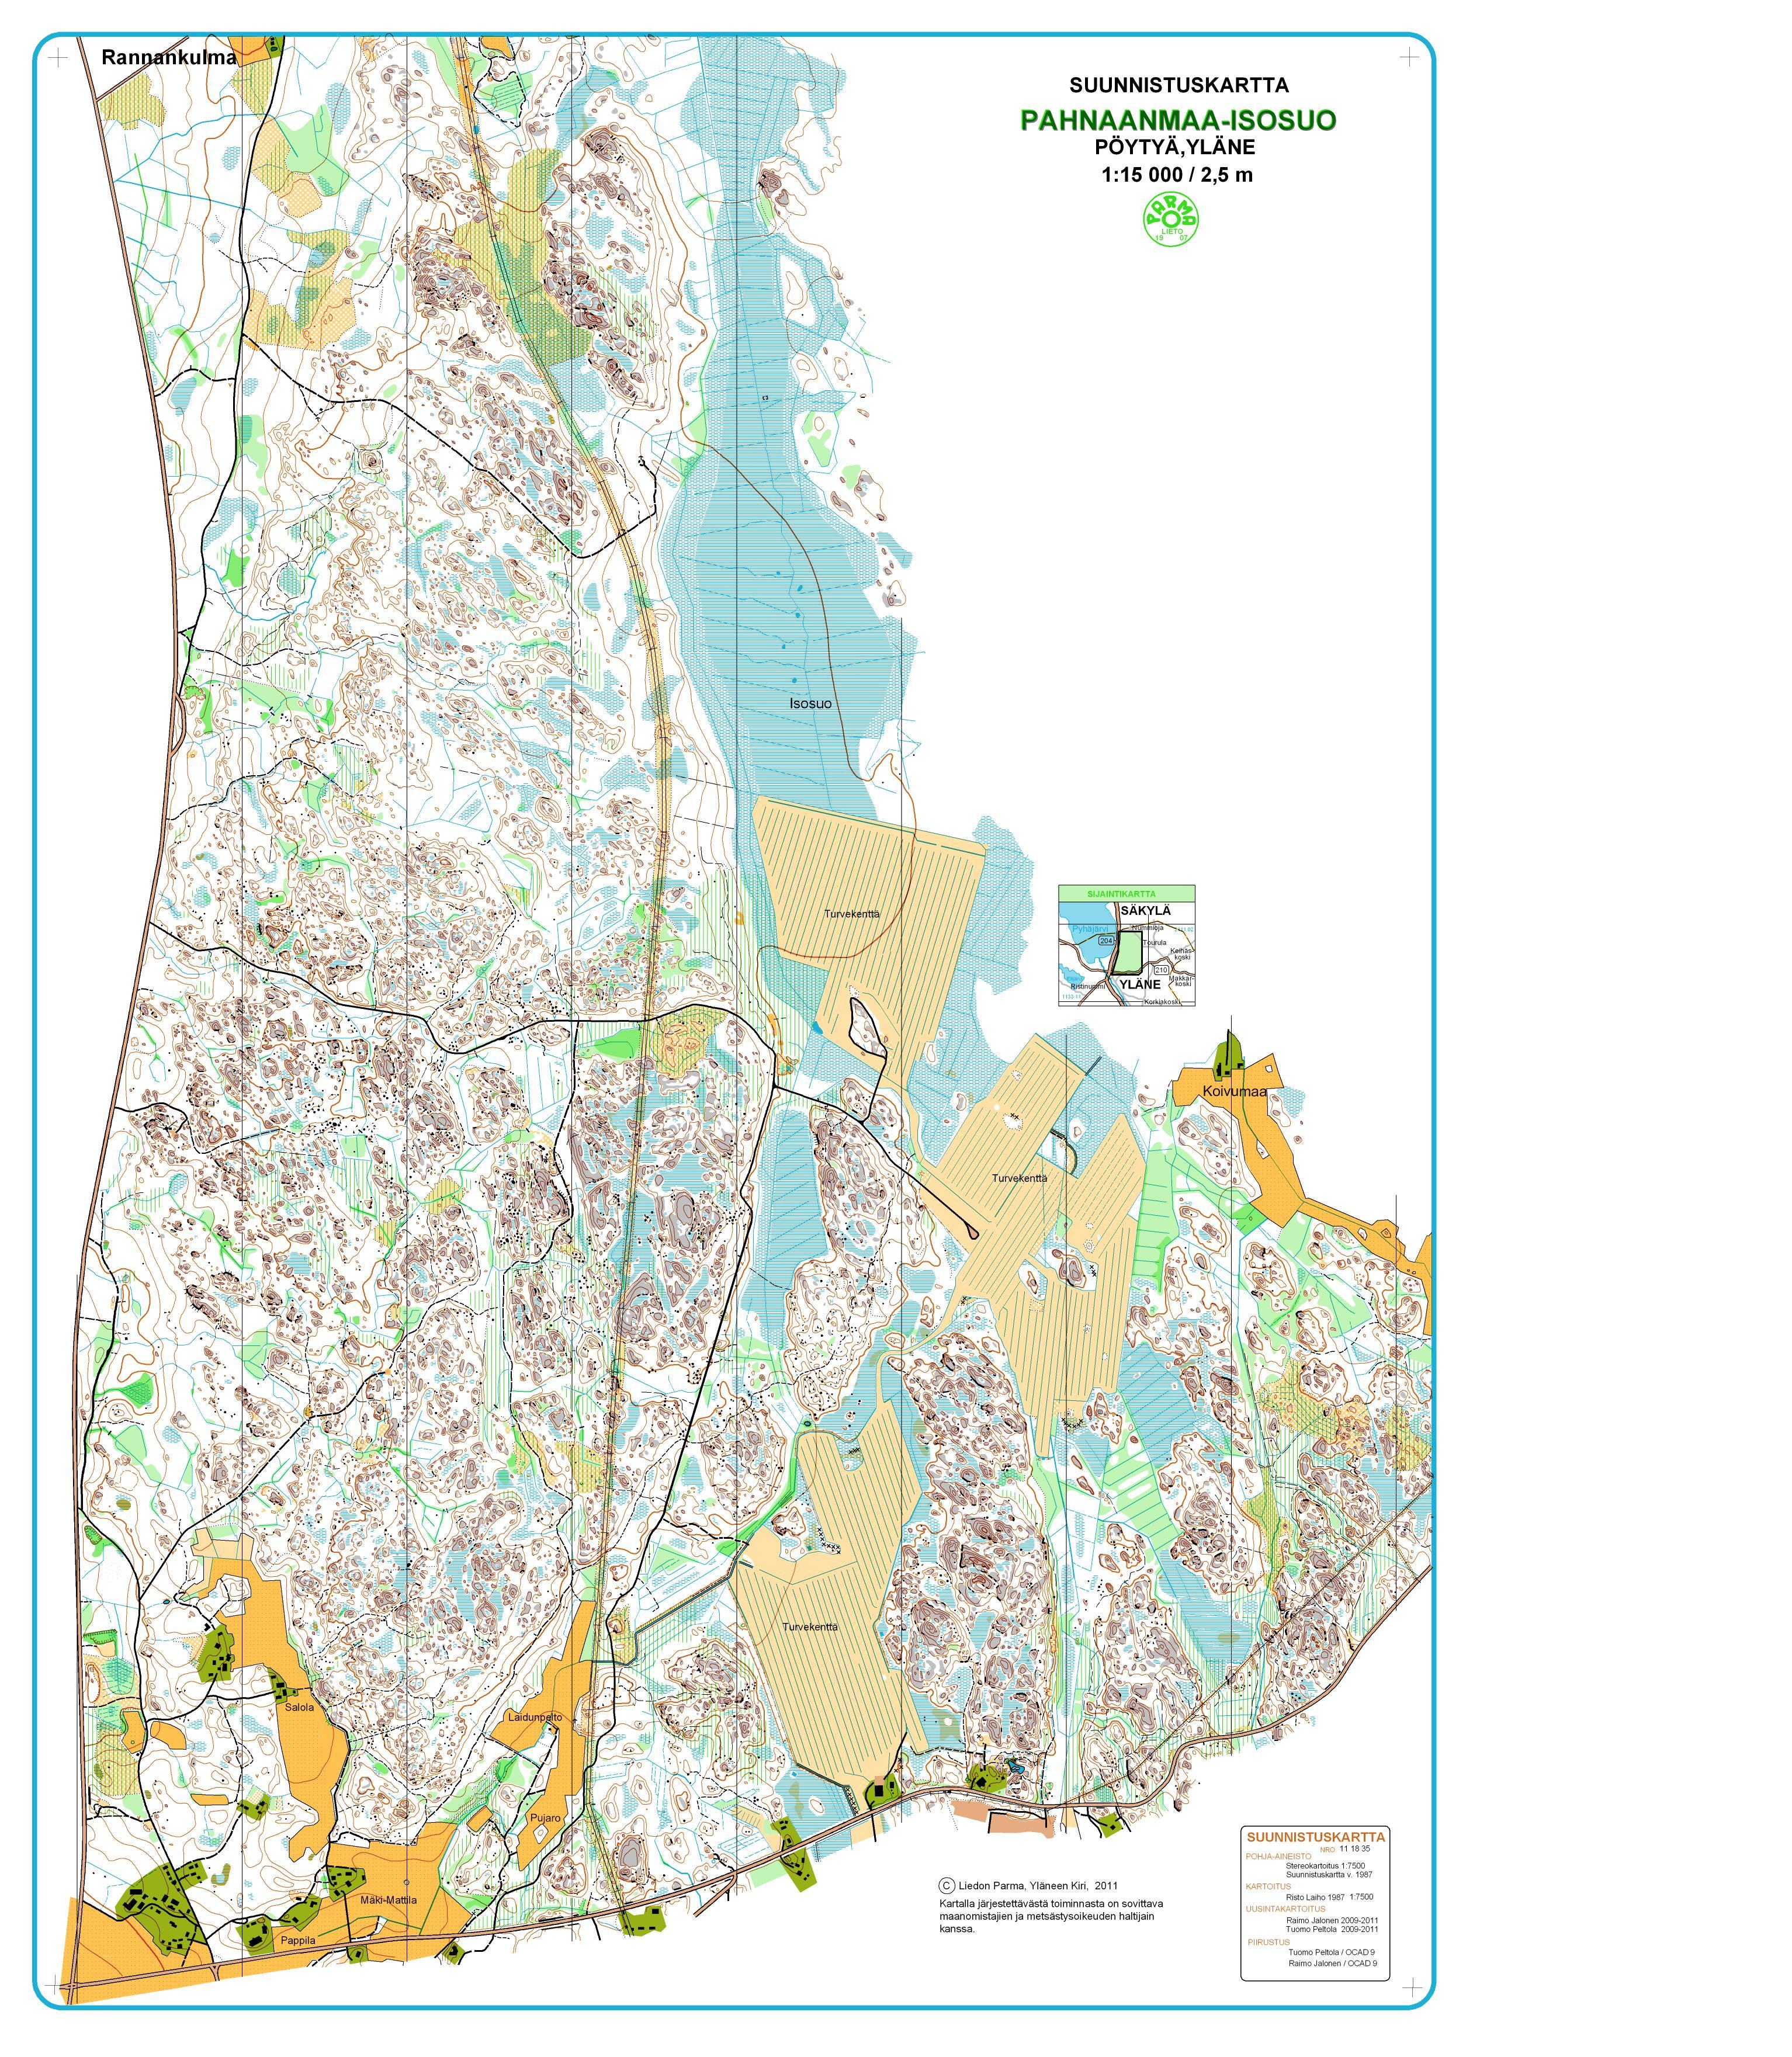 2011 09 04 Sm Pitkamatka R1 Ylaneella Finaalit H18 21 Ja D21